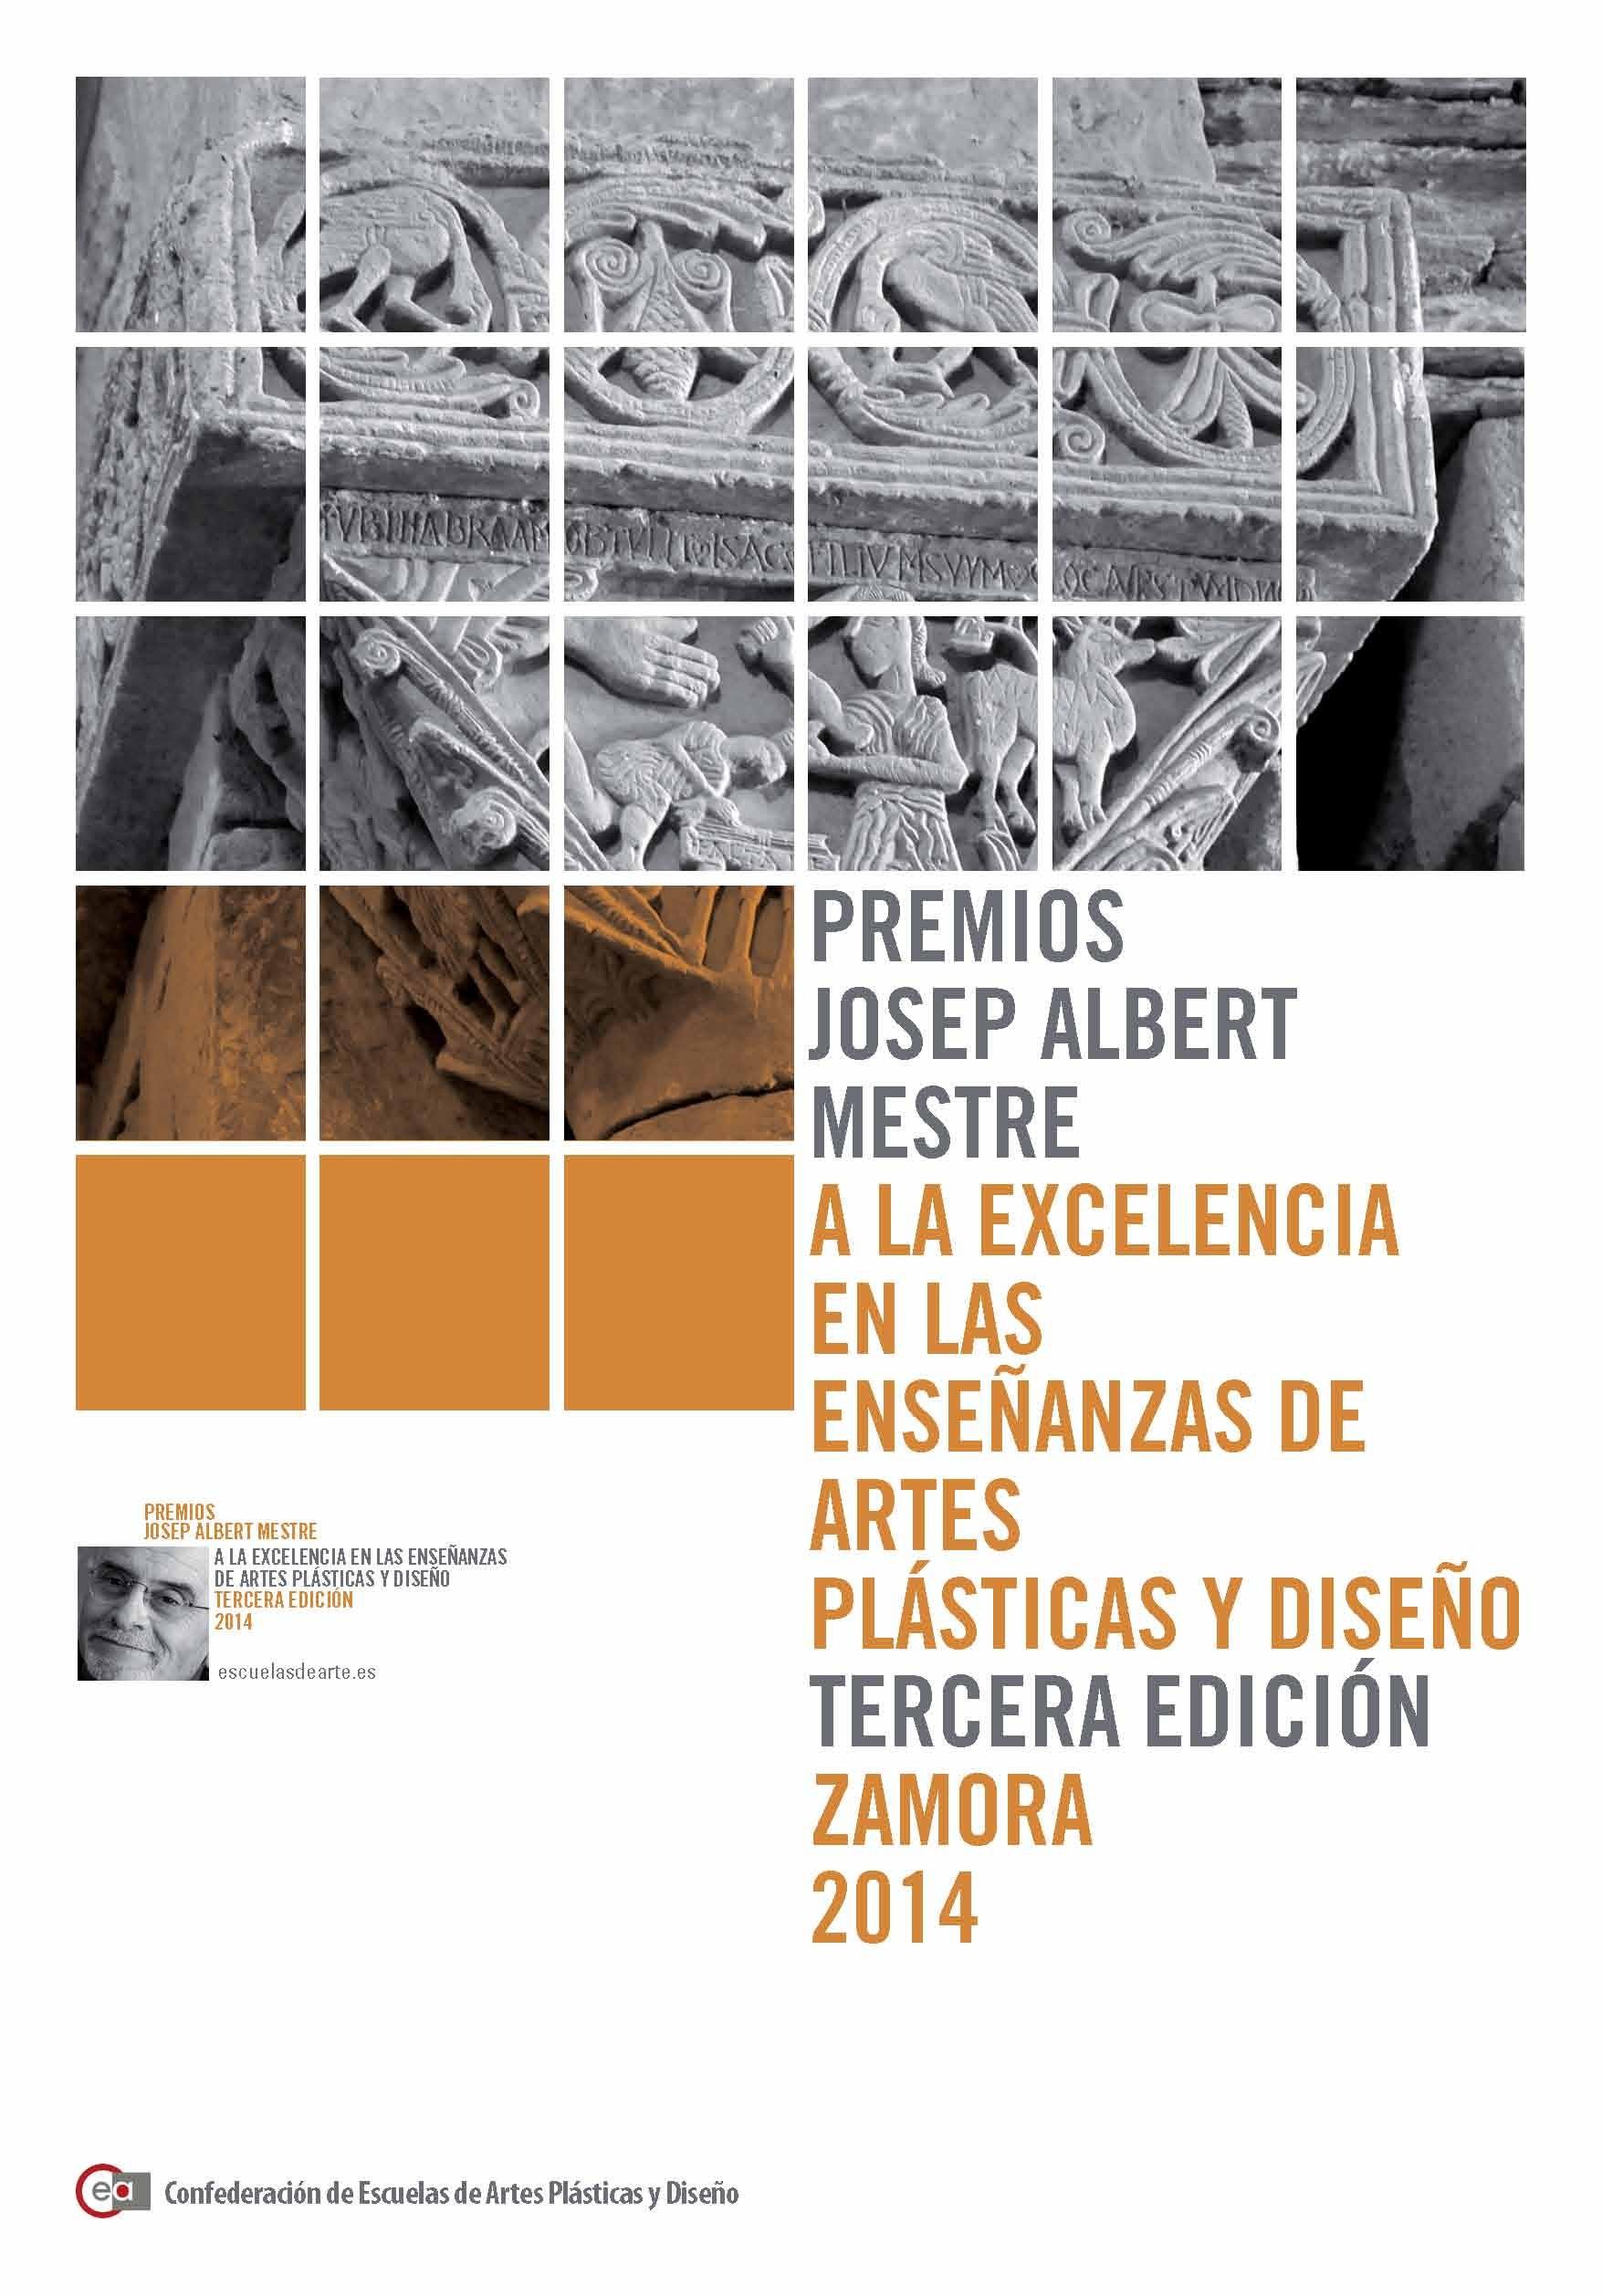 Premios Josep Albert Mestre Zamora 2014 Escuela De Arte Y